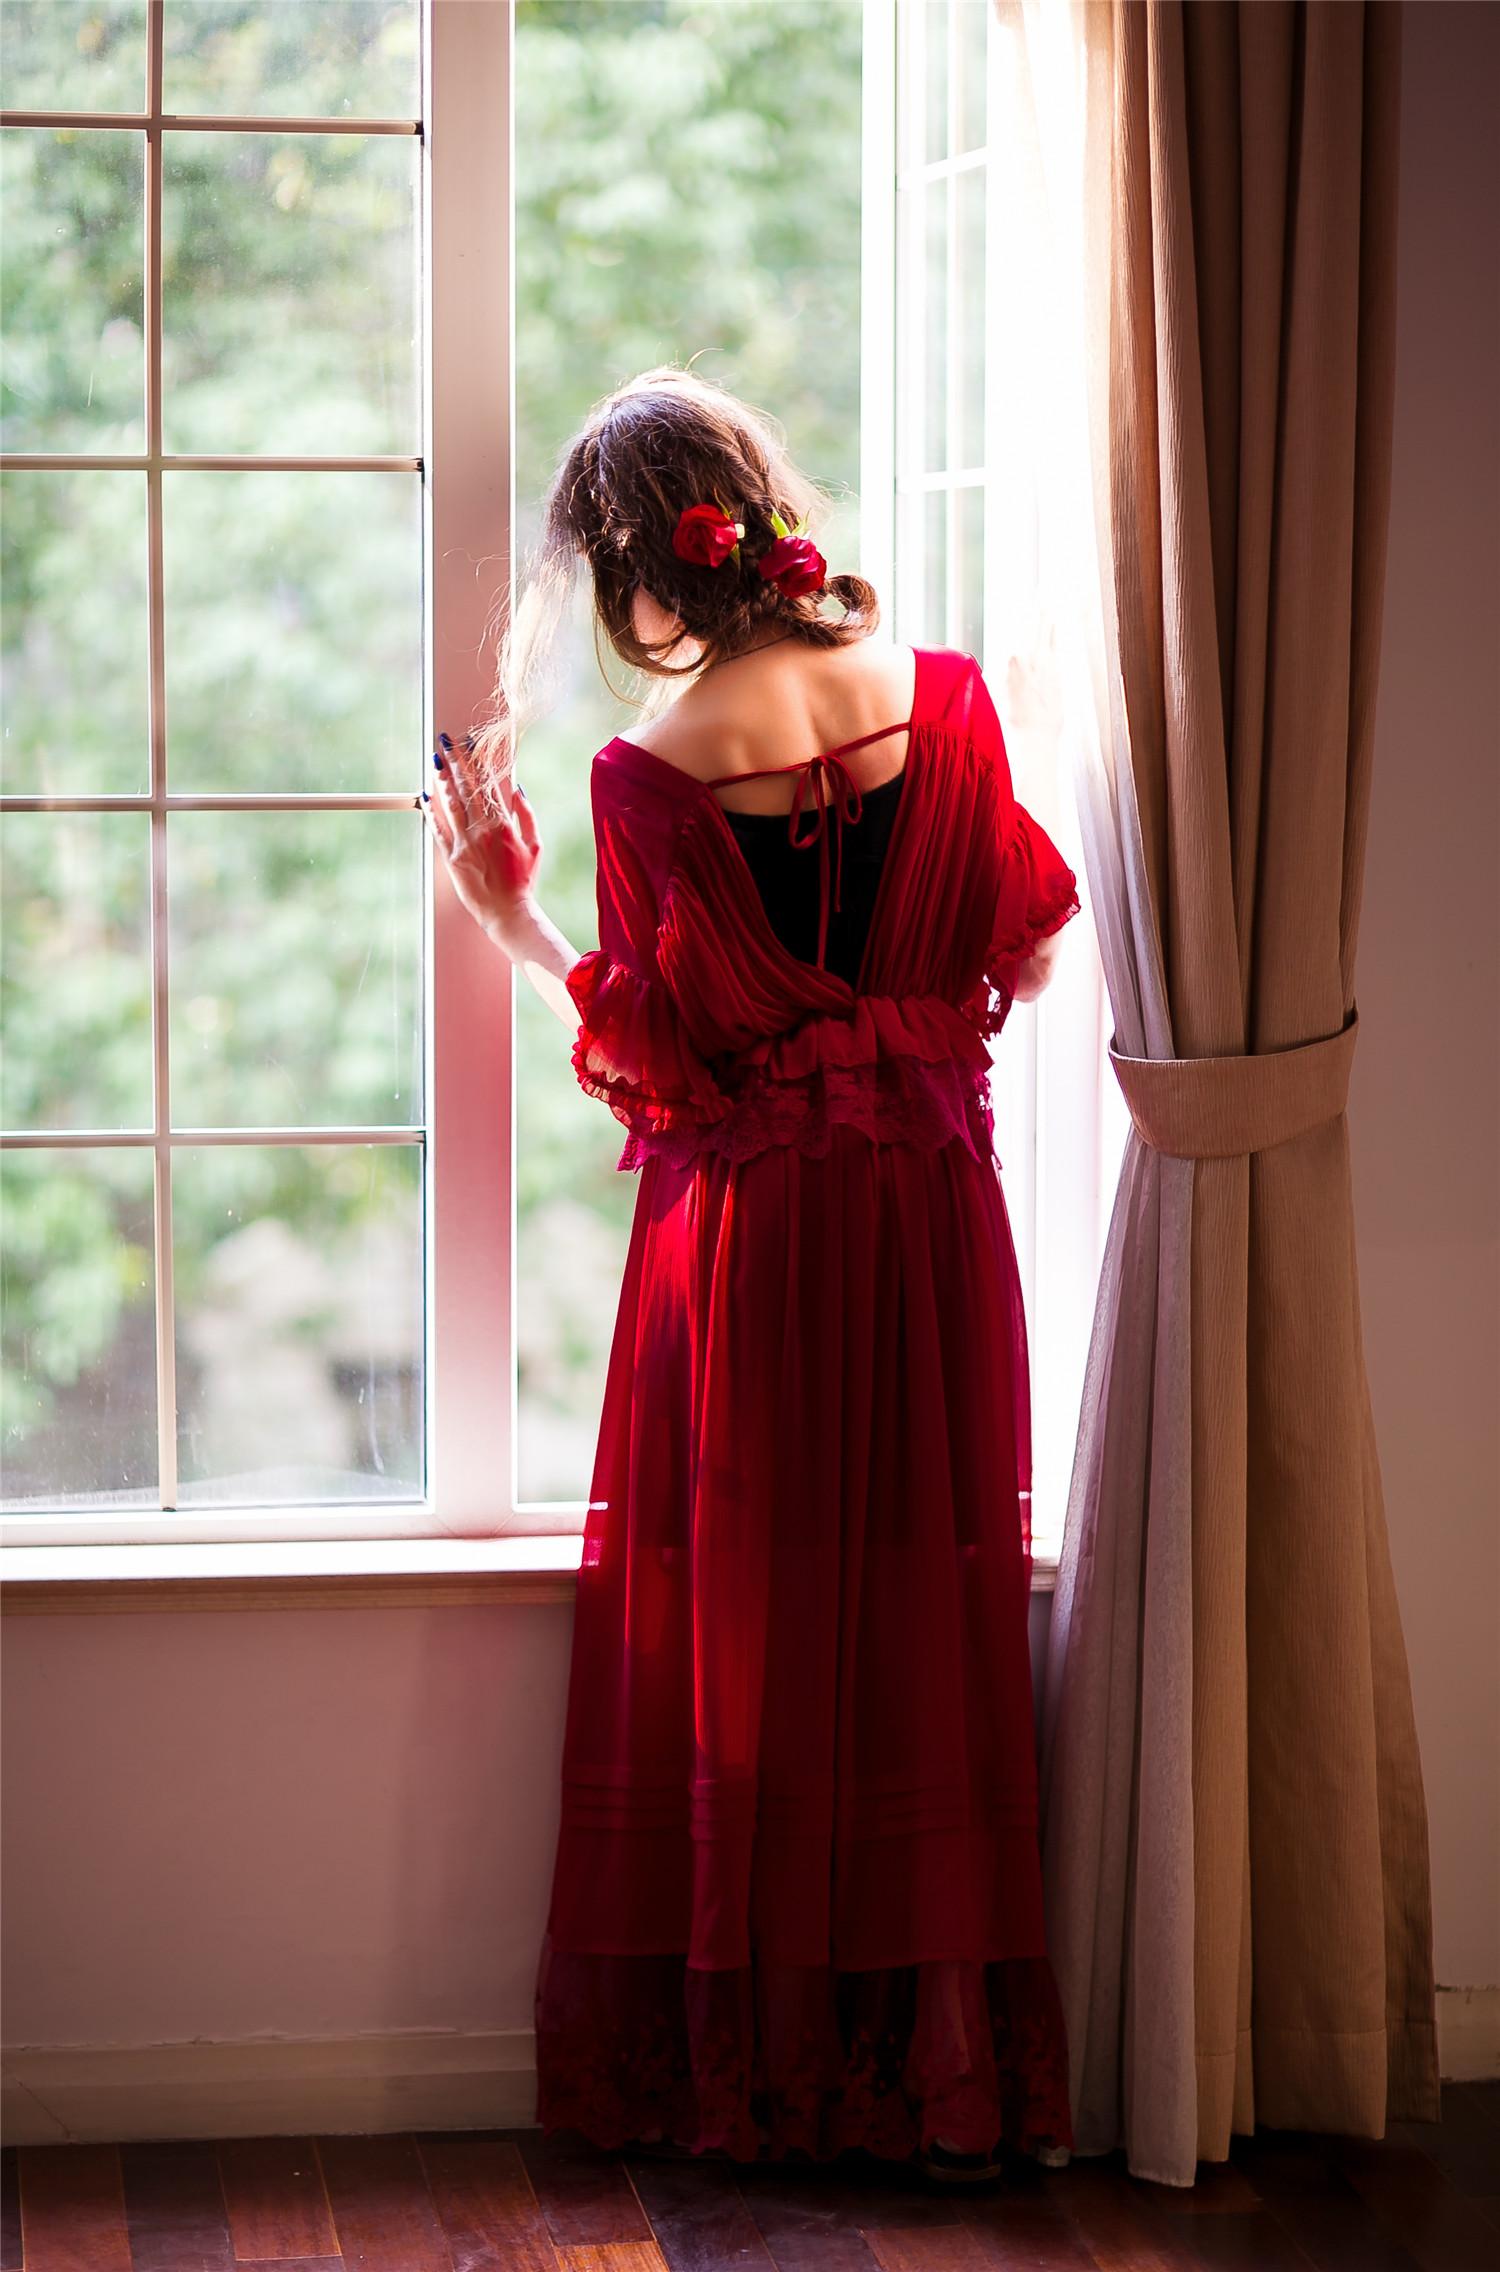 凡尔赛玫瑰丨复古重工蕾丝雪纺仙女连衣长裙丨简爱原创设计